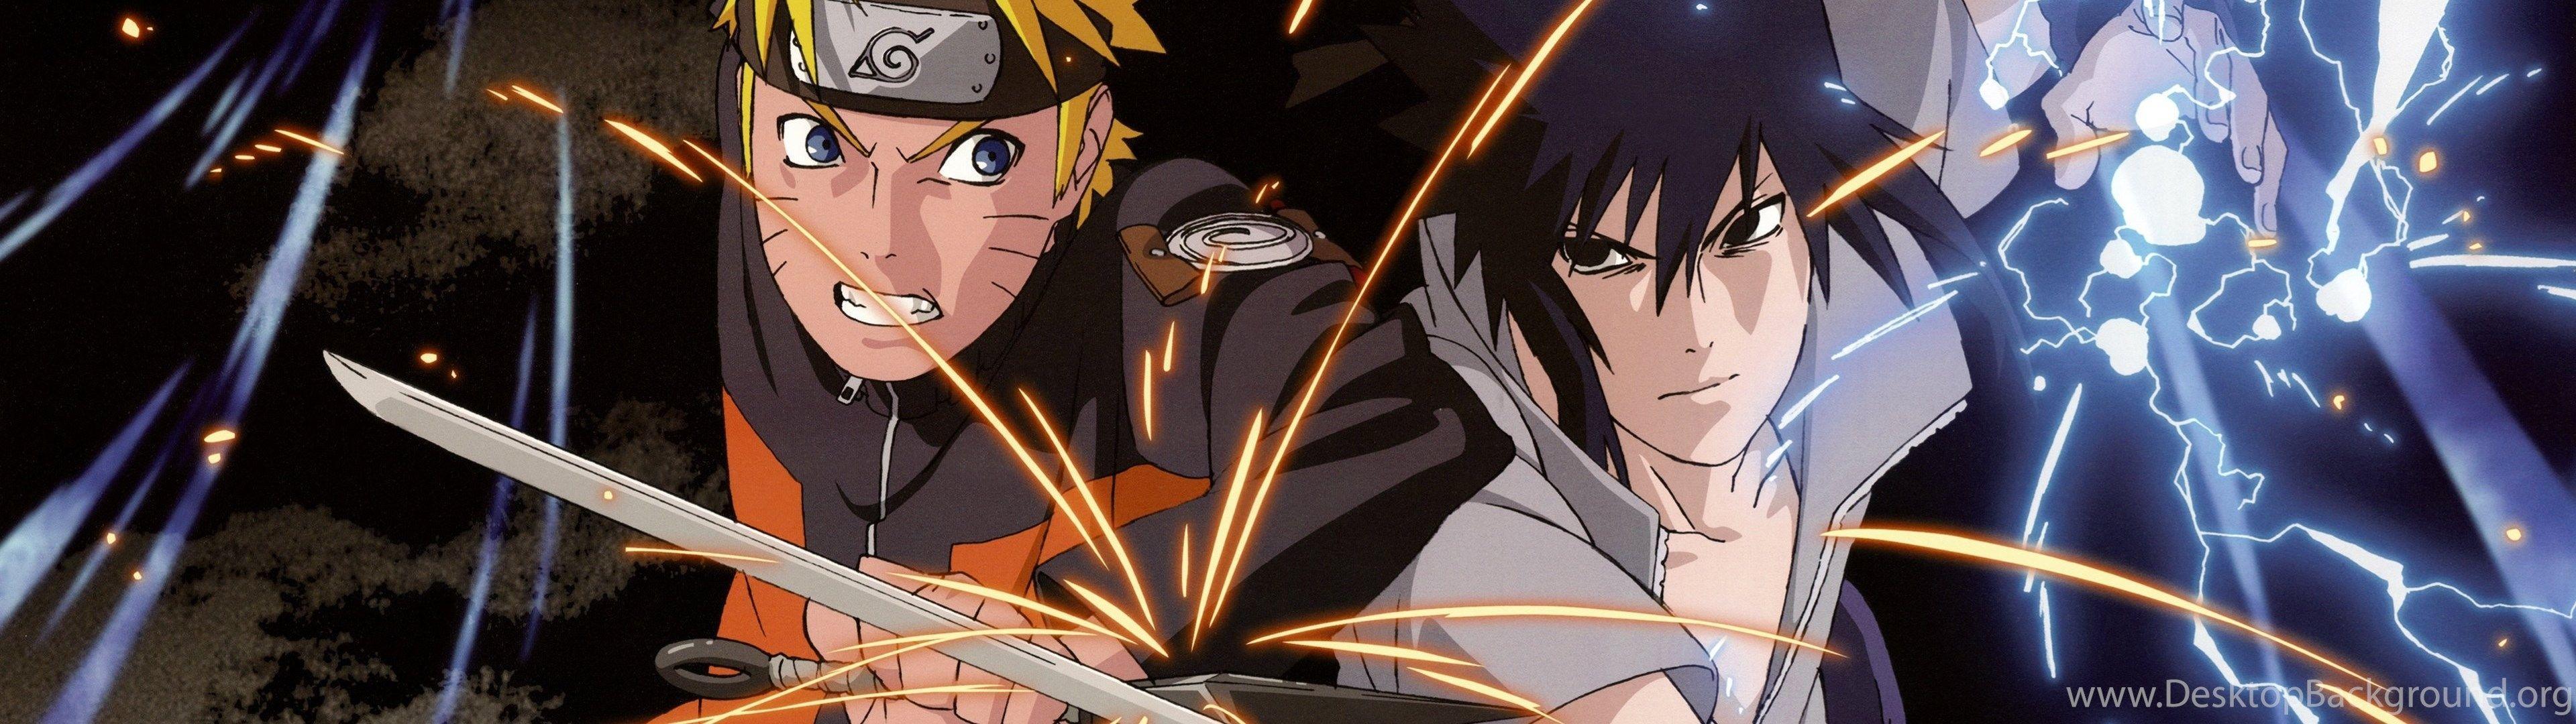 Naruto 2 Monitor Wallpapers - Top Free Naruto 2 Monitor ...